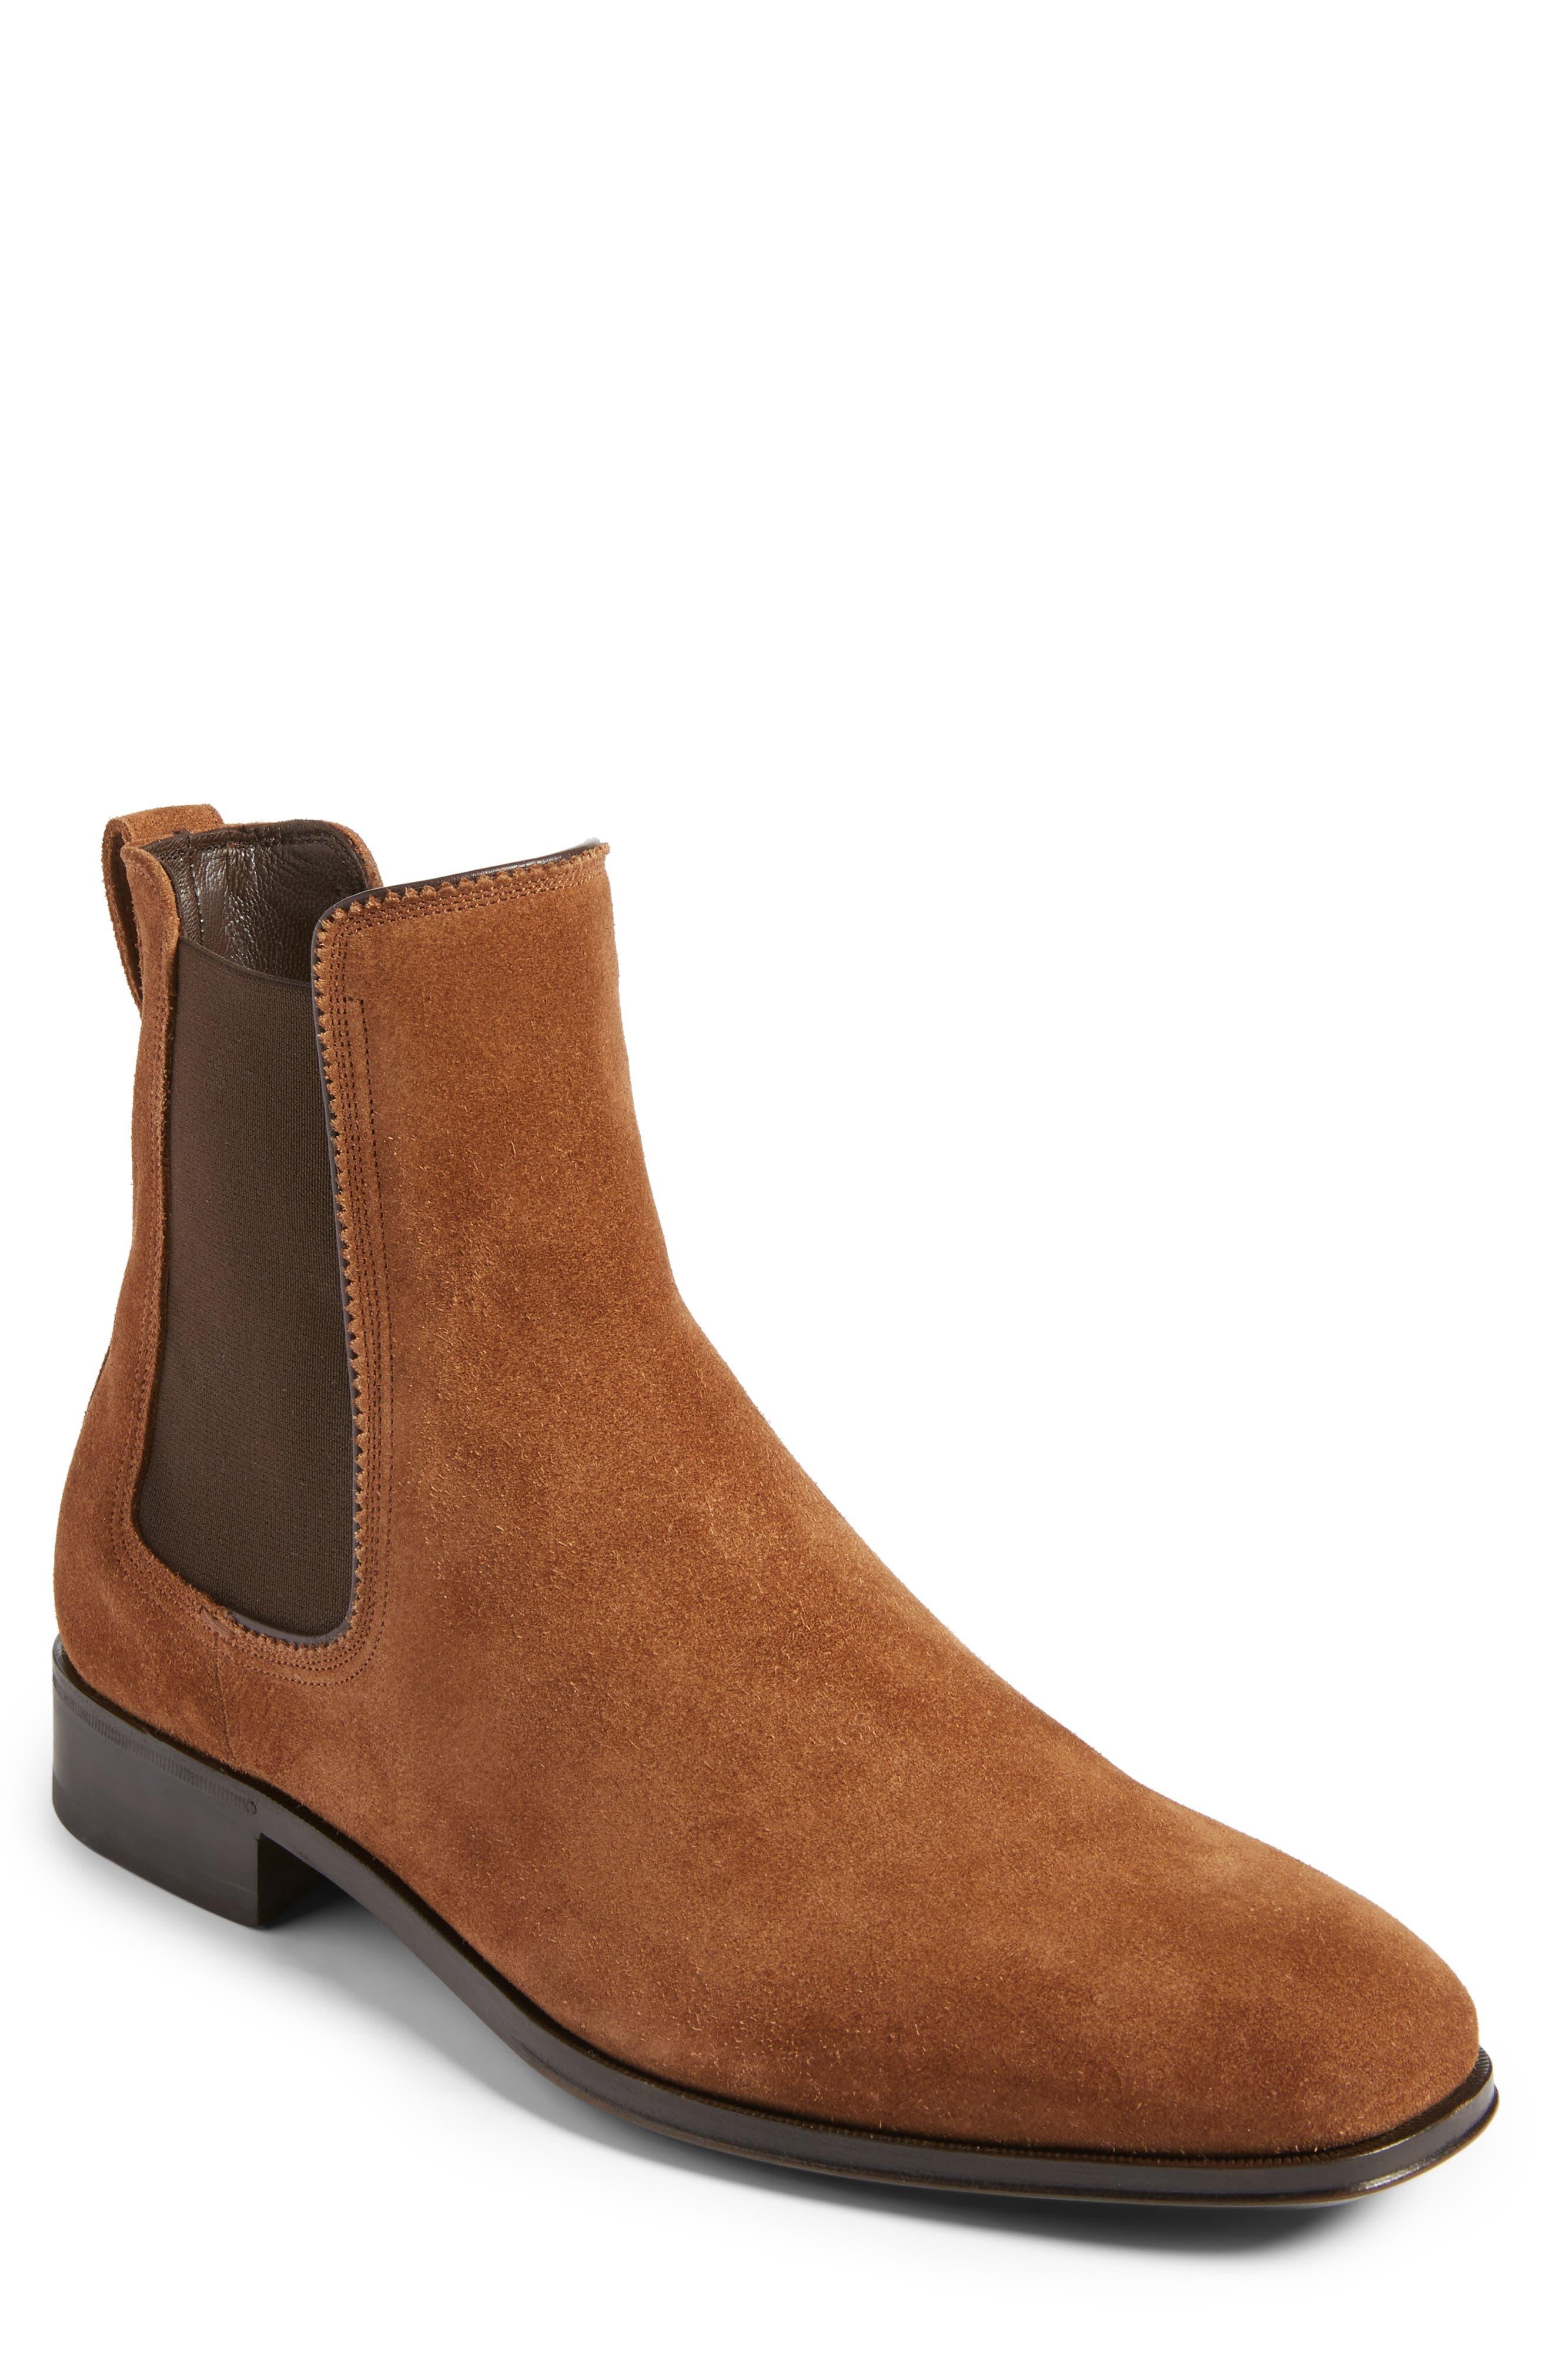 Salvatore Ferragamo Darien Chelsea Boot (Men)